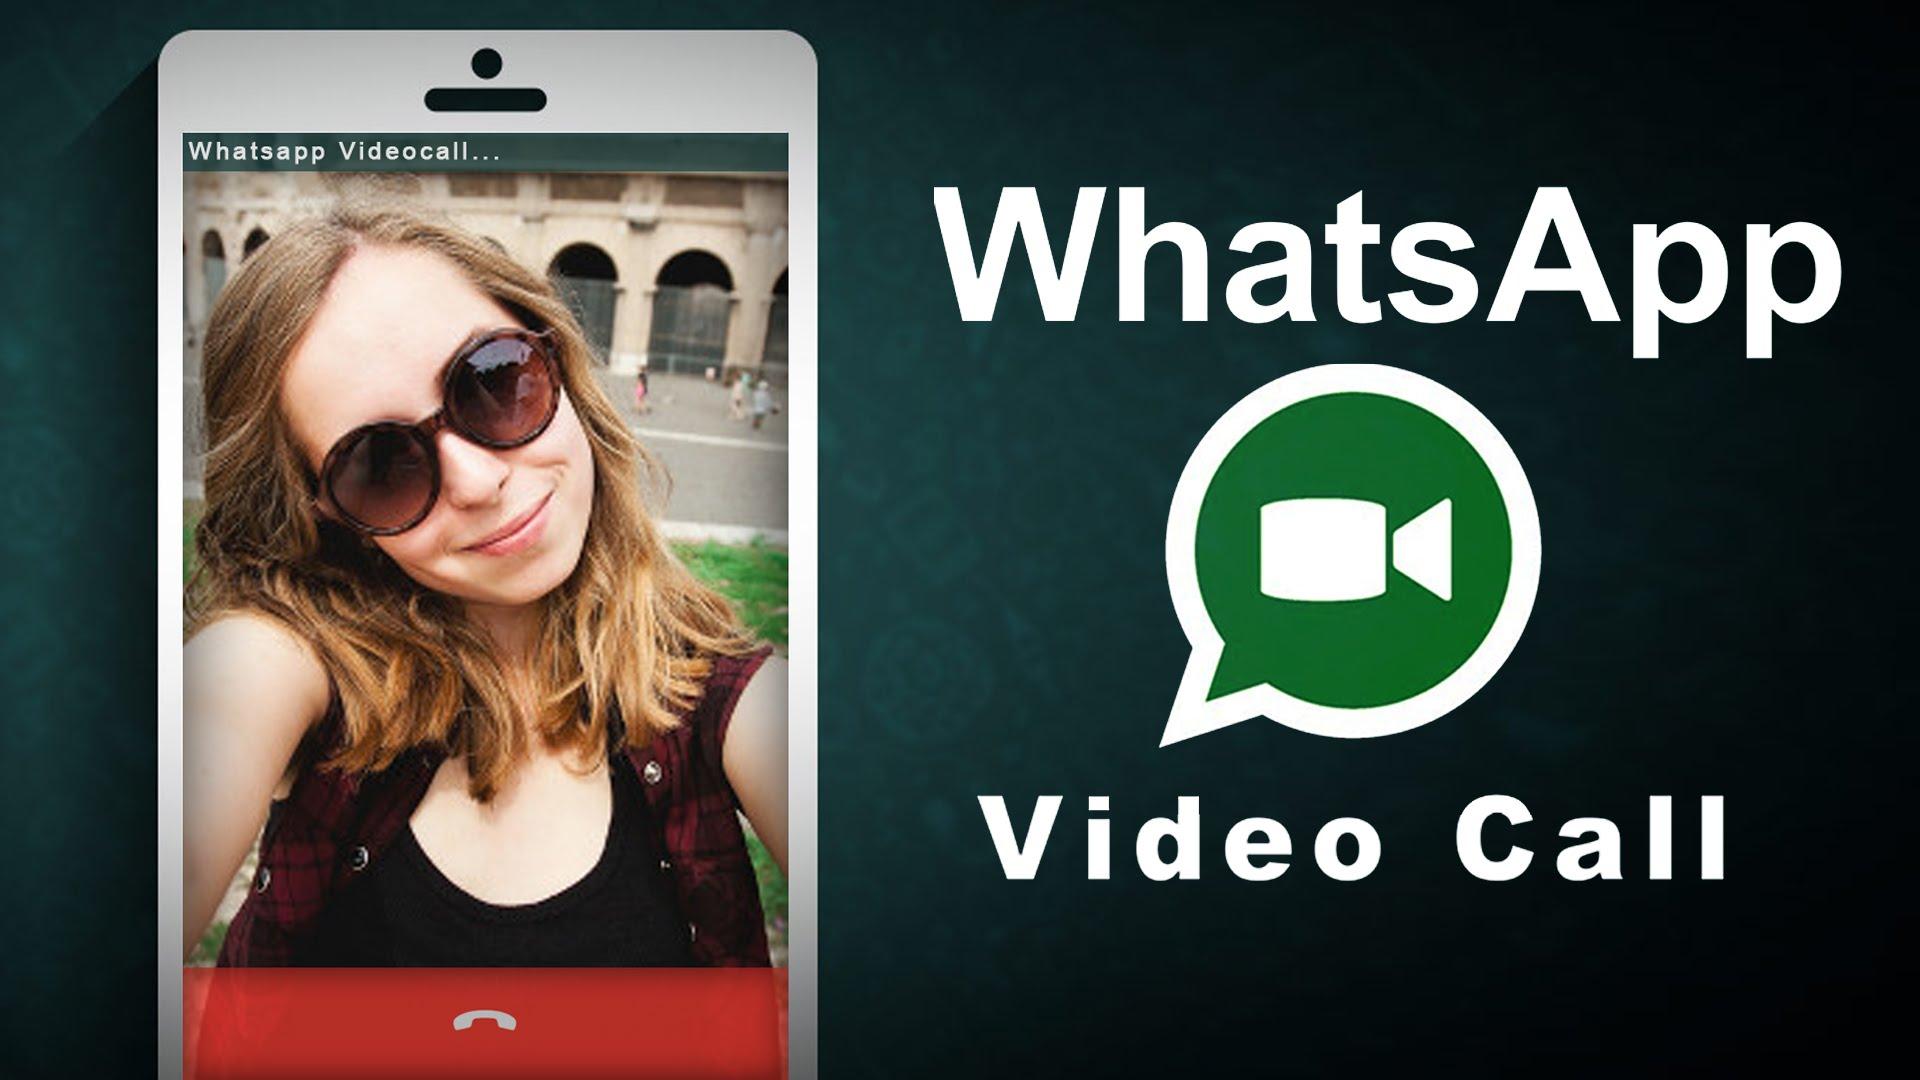 WhatsApp aggiunge le videochiamate per alcuni utenti Android